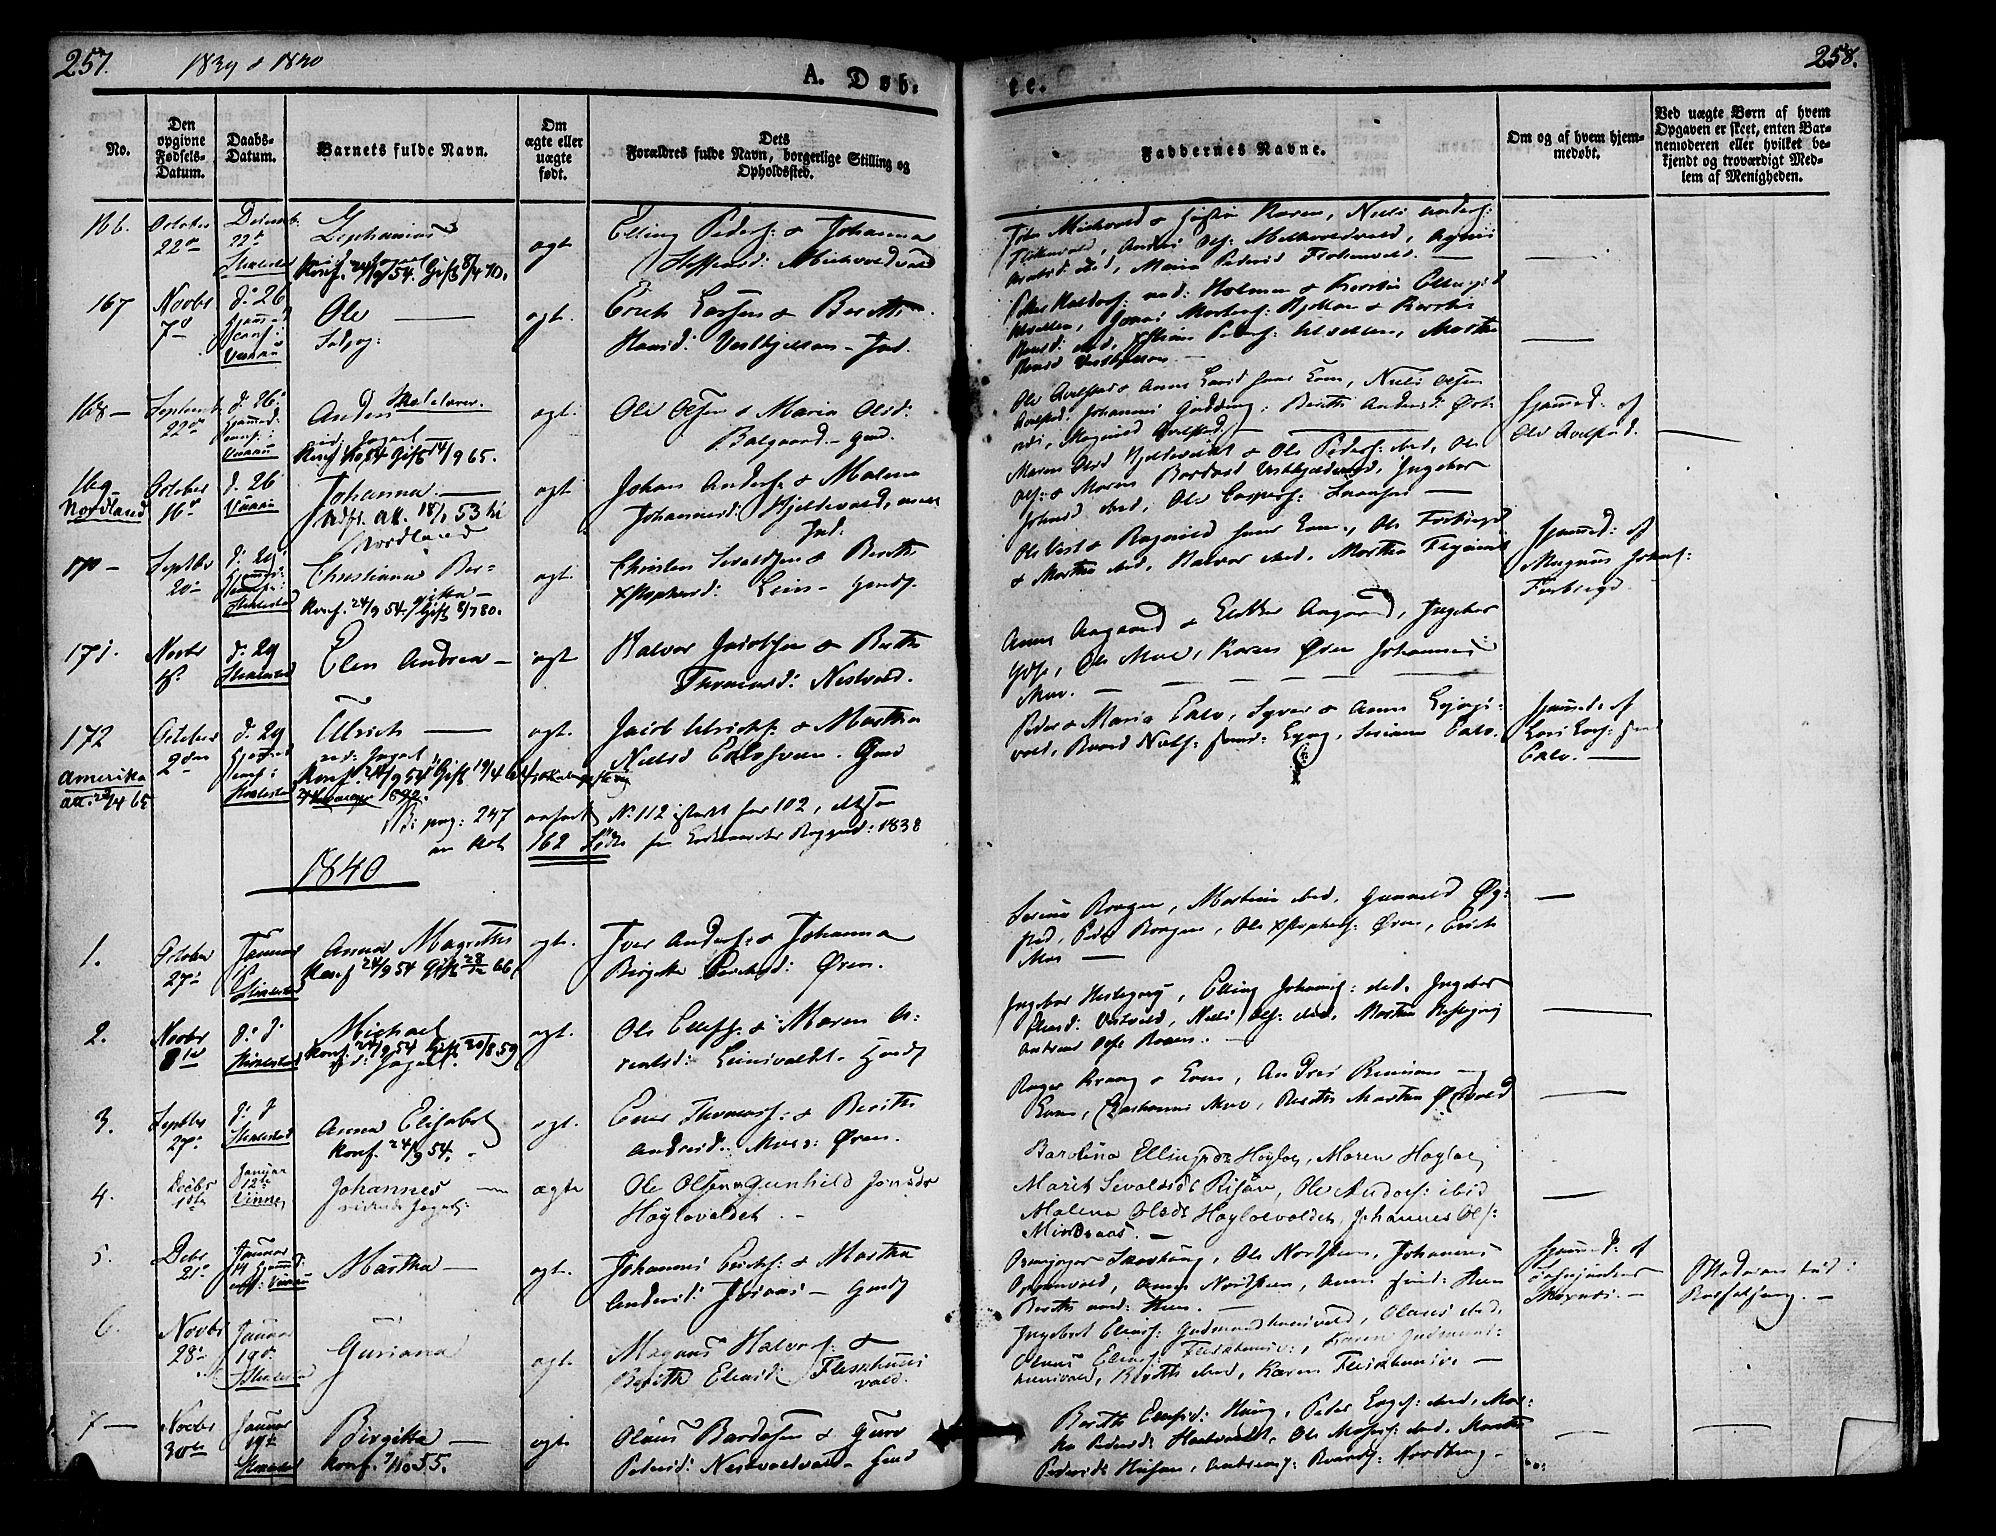 SAT, Ministerialprotokoller, klokkerbøker og fødselsregistre - Nord-Trøndelag, 723/L0238: Ministerialbok nr. 723A07, 1831-1840, s. 257-258